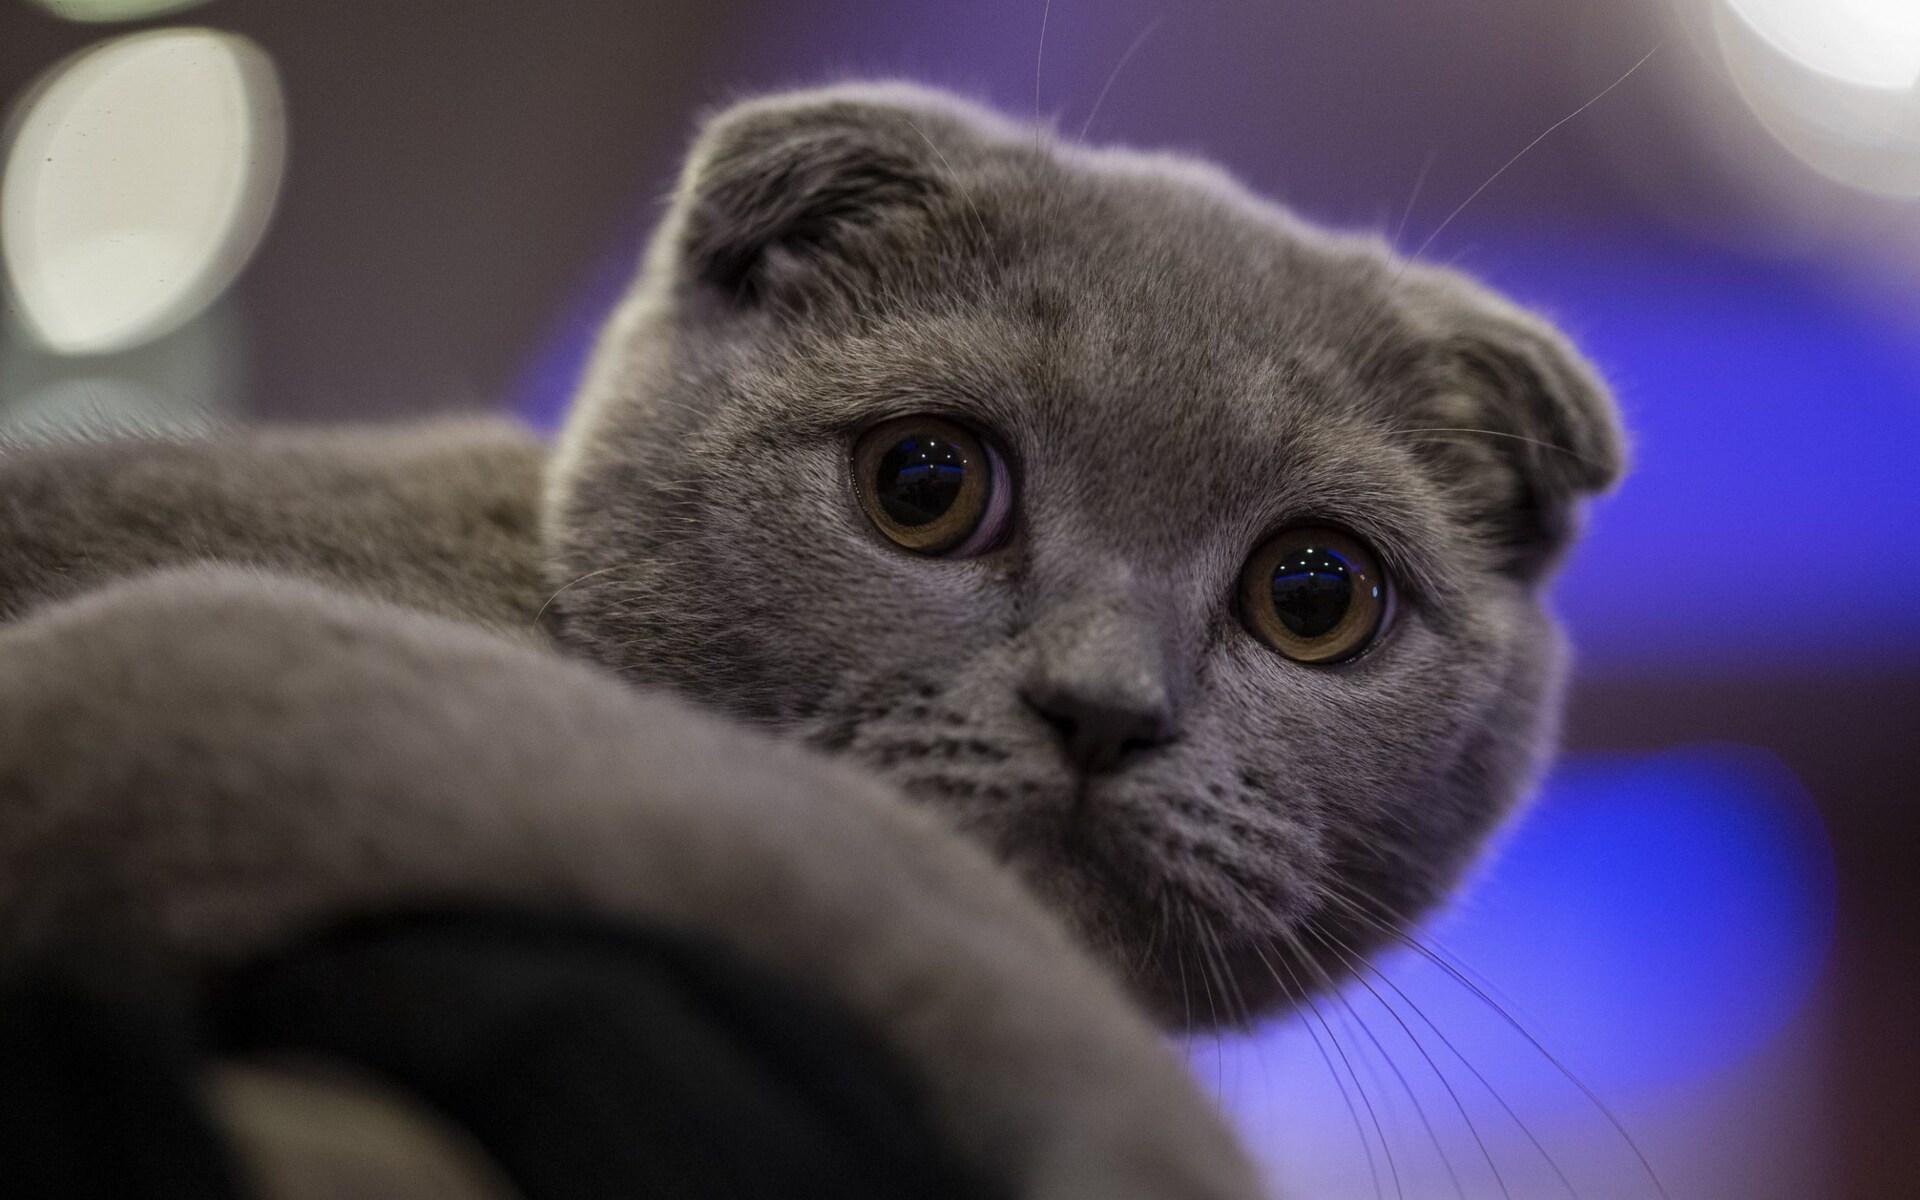 تصاویر روز: از تجمع قایقهای بادبانی در بندر تریسته ایتالیا گرفته تا فستیوال بینالمللی گربههای زیبا در آنکارای ترکیه